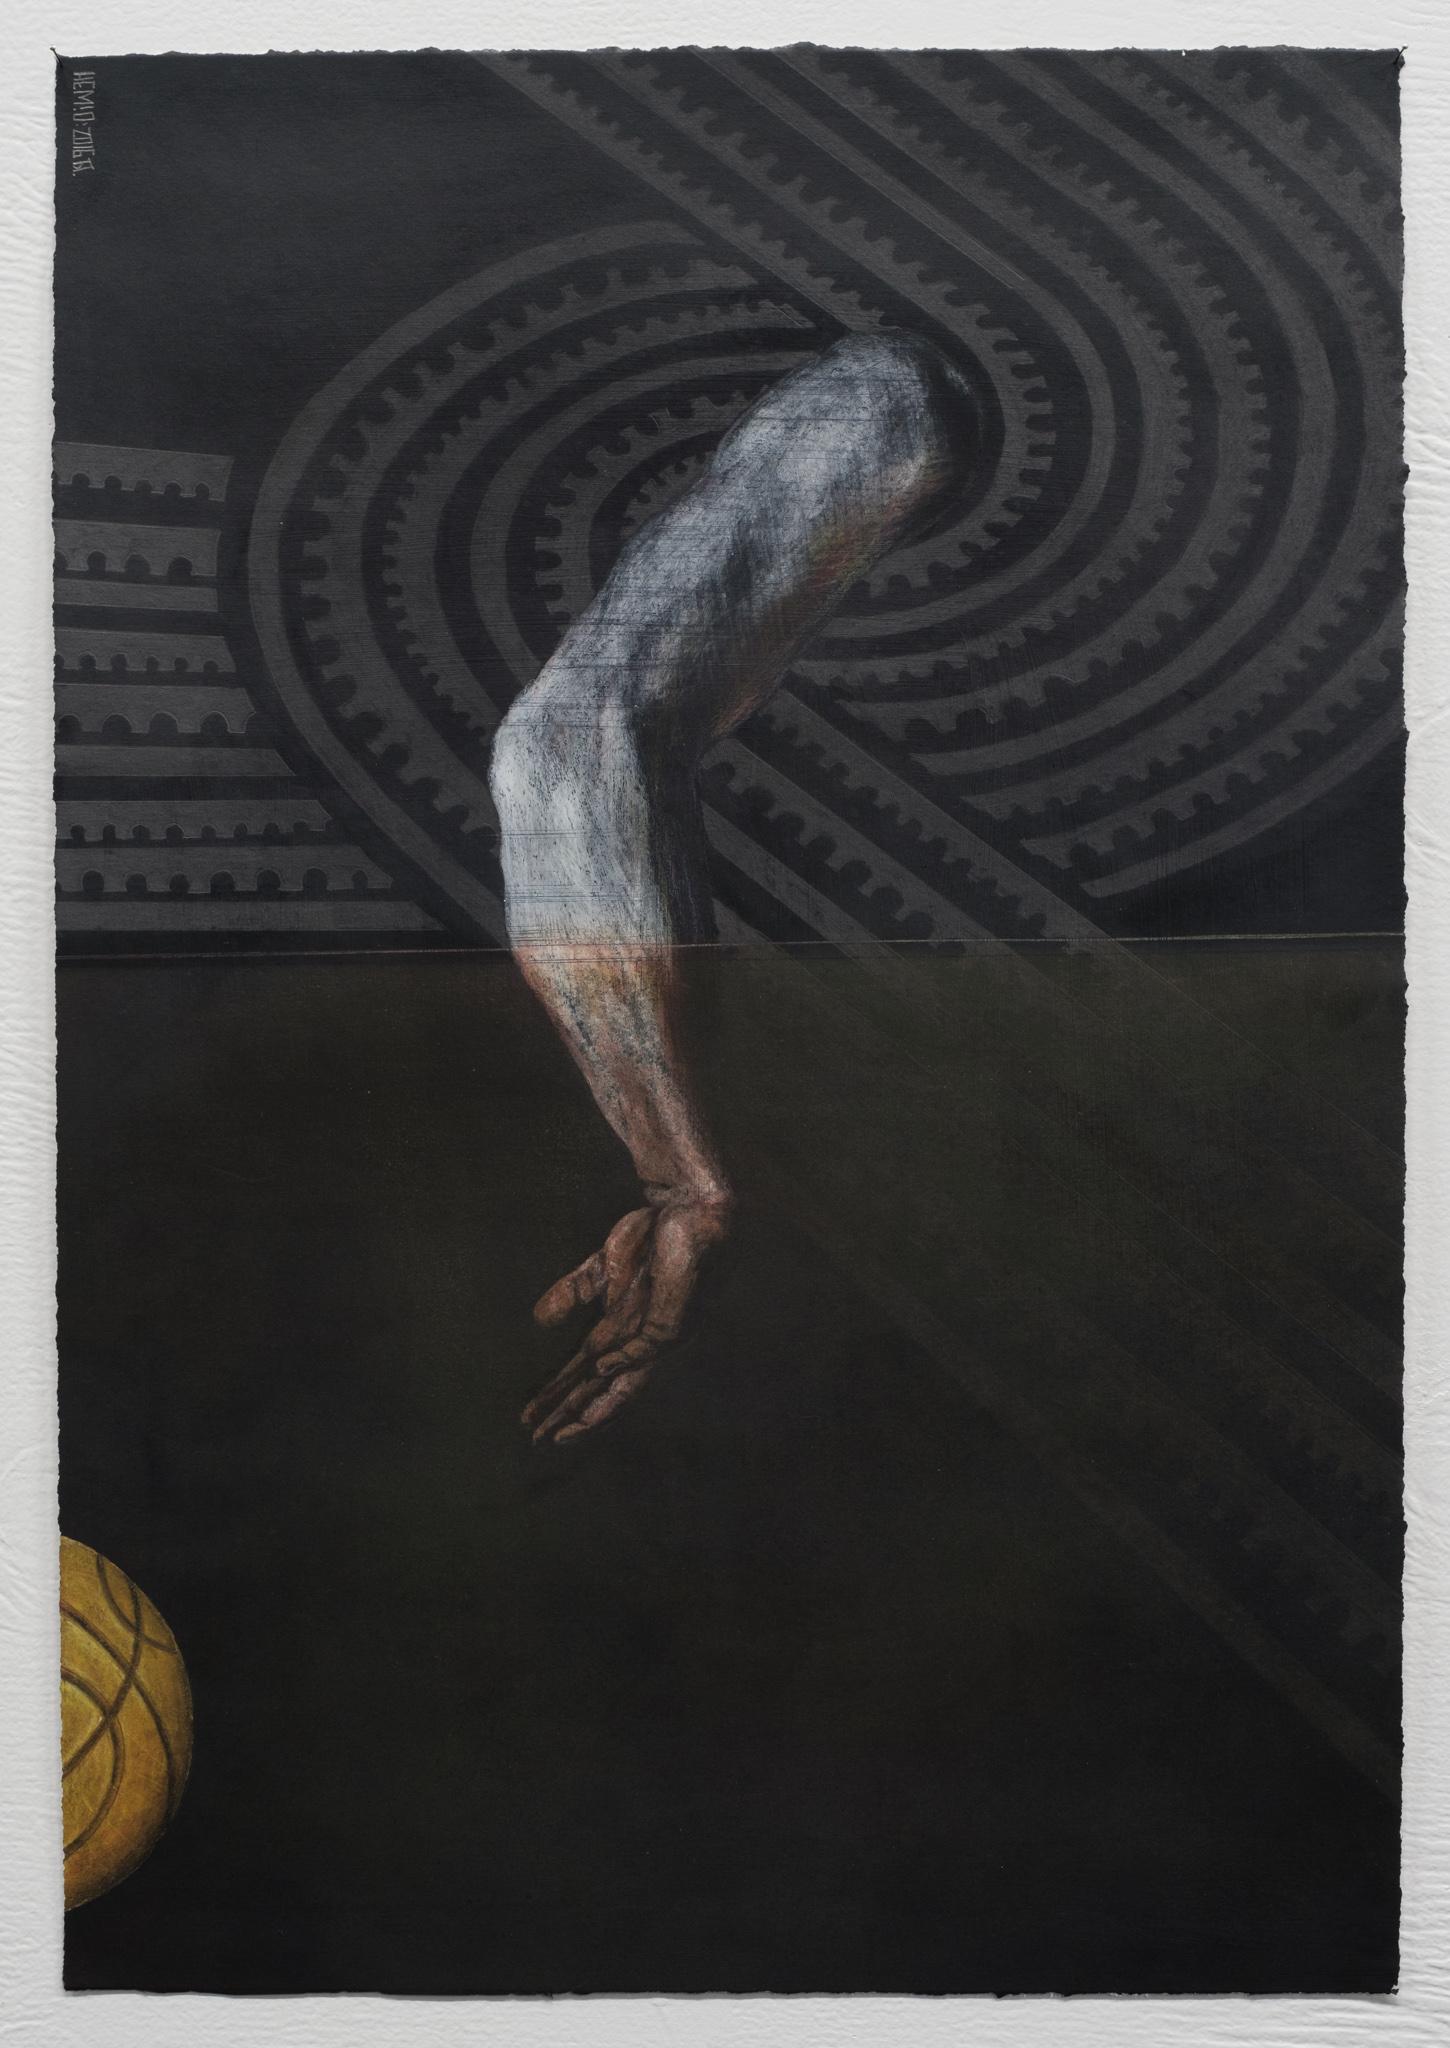 James Ormsby - Drawings-18.jpg